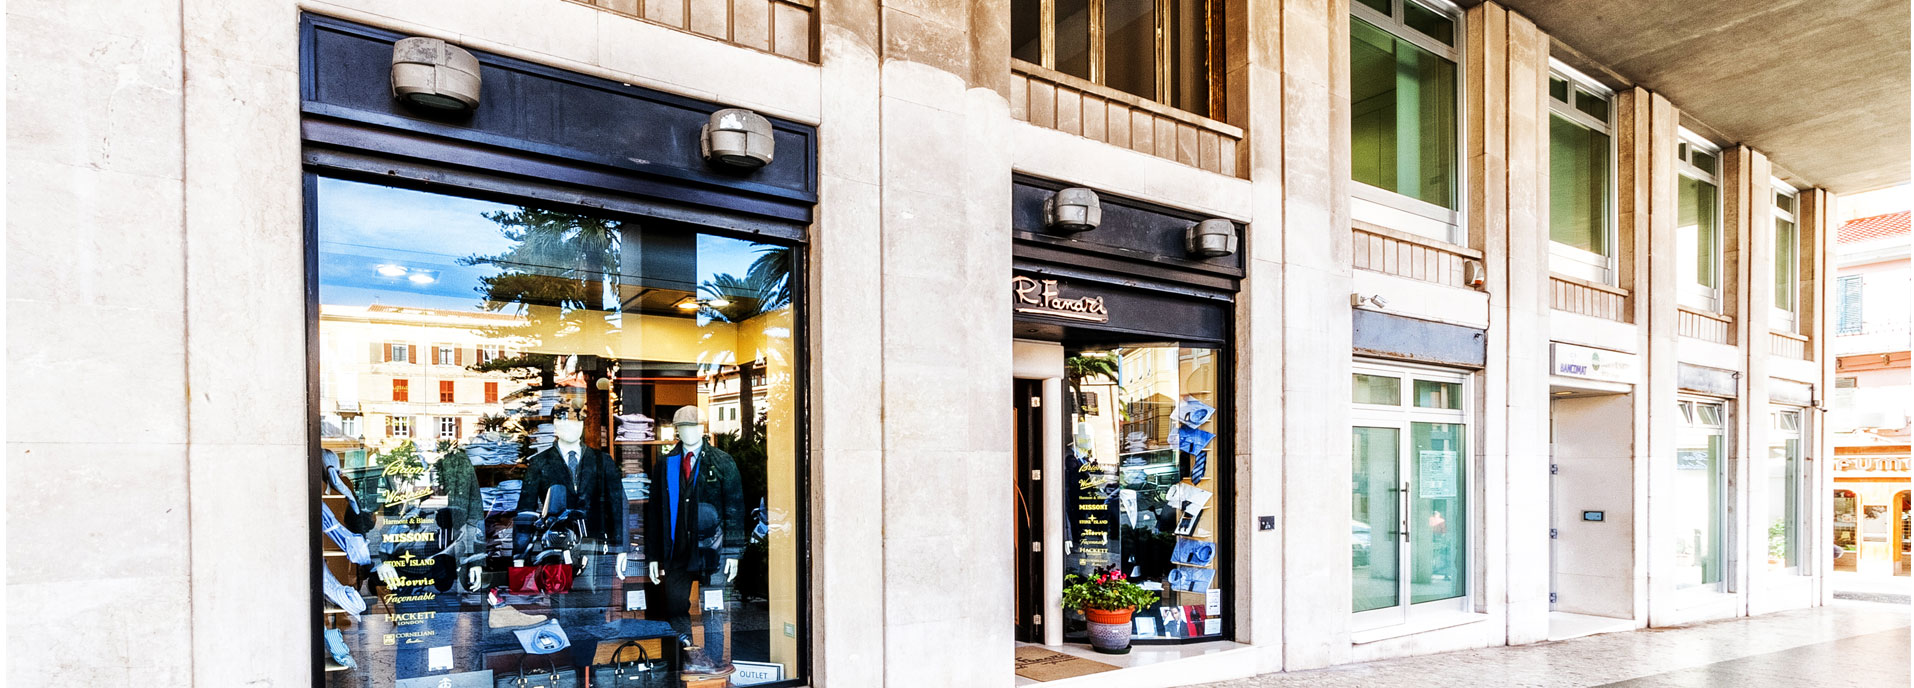 negozio abbigliamento sassari